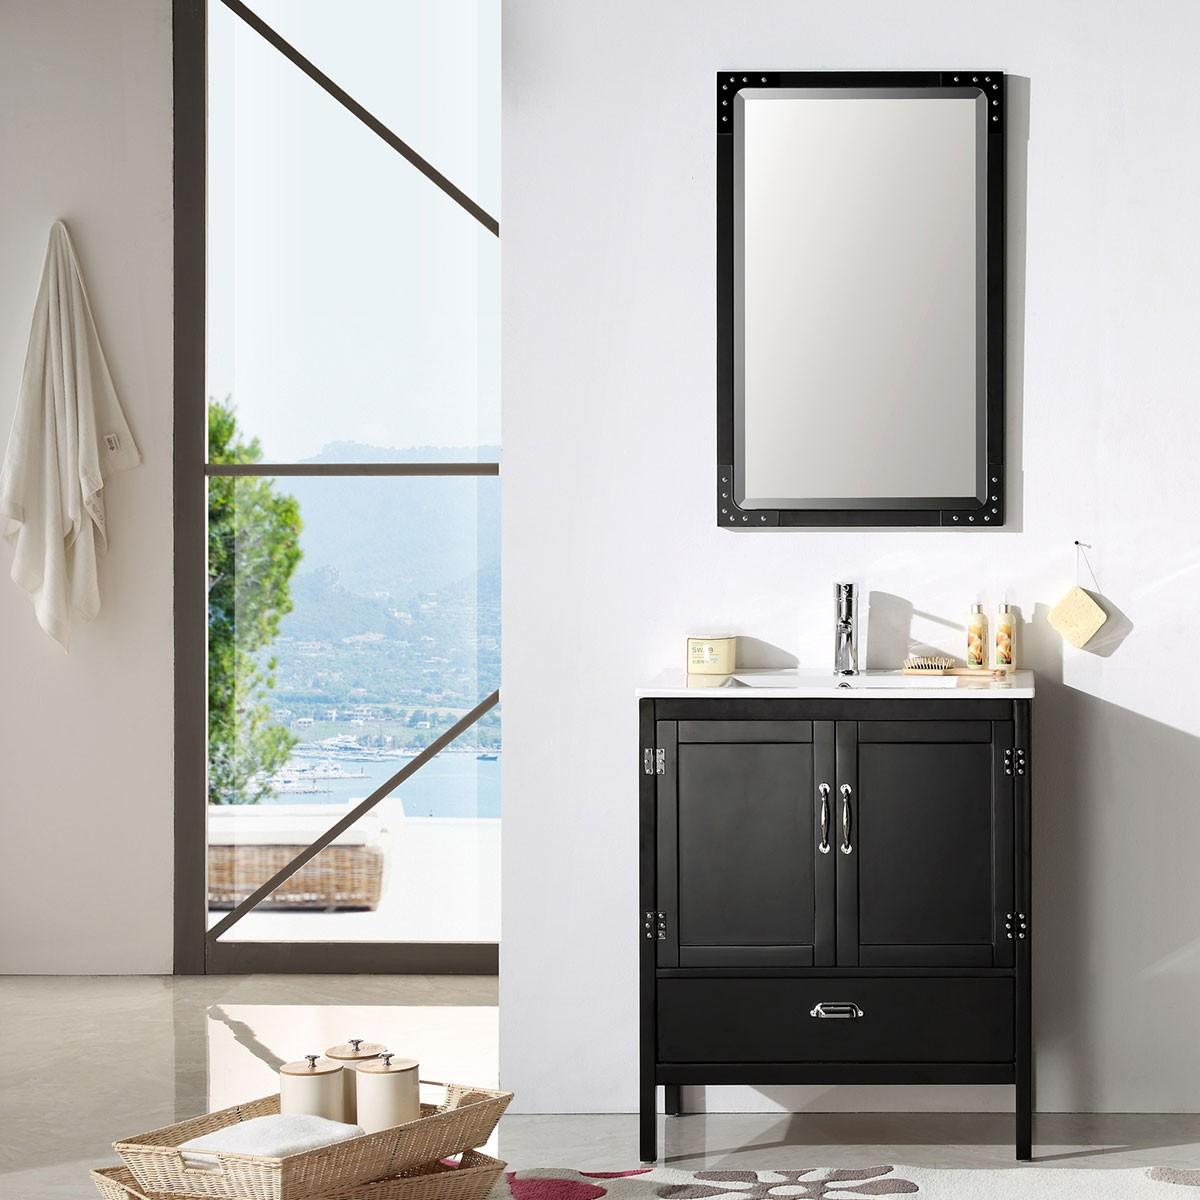 30 po Meuble Salle de Bain/Vanité Sur Pieds à Lavabo Simple avec Miroir (DK-5730-B)